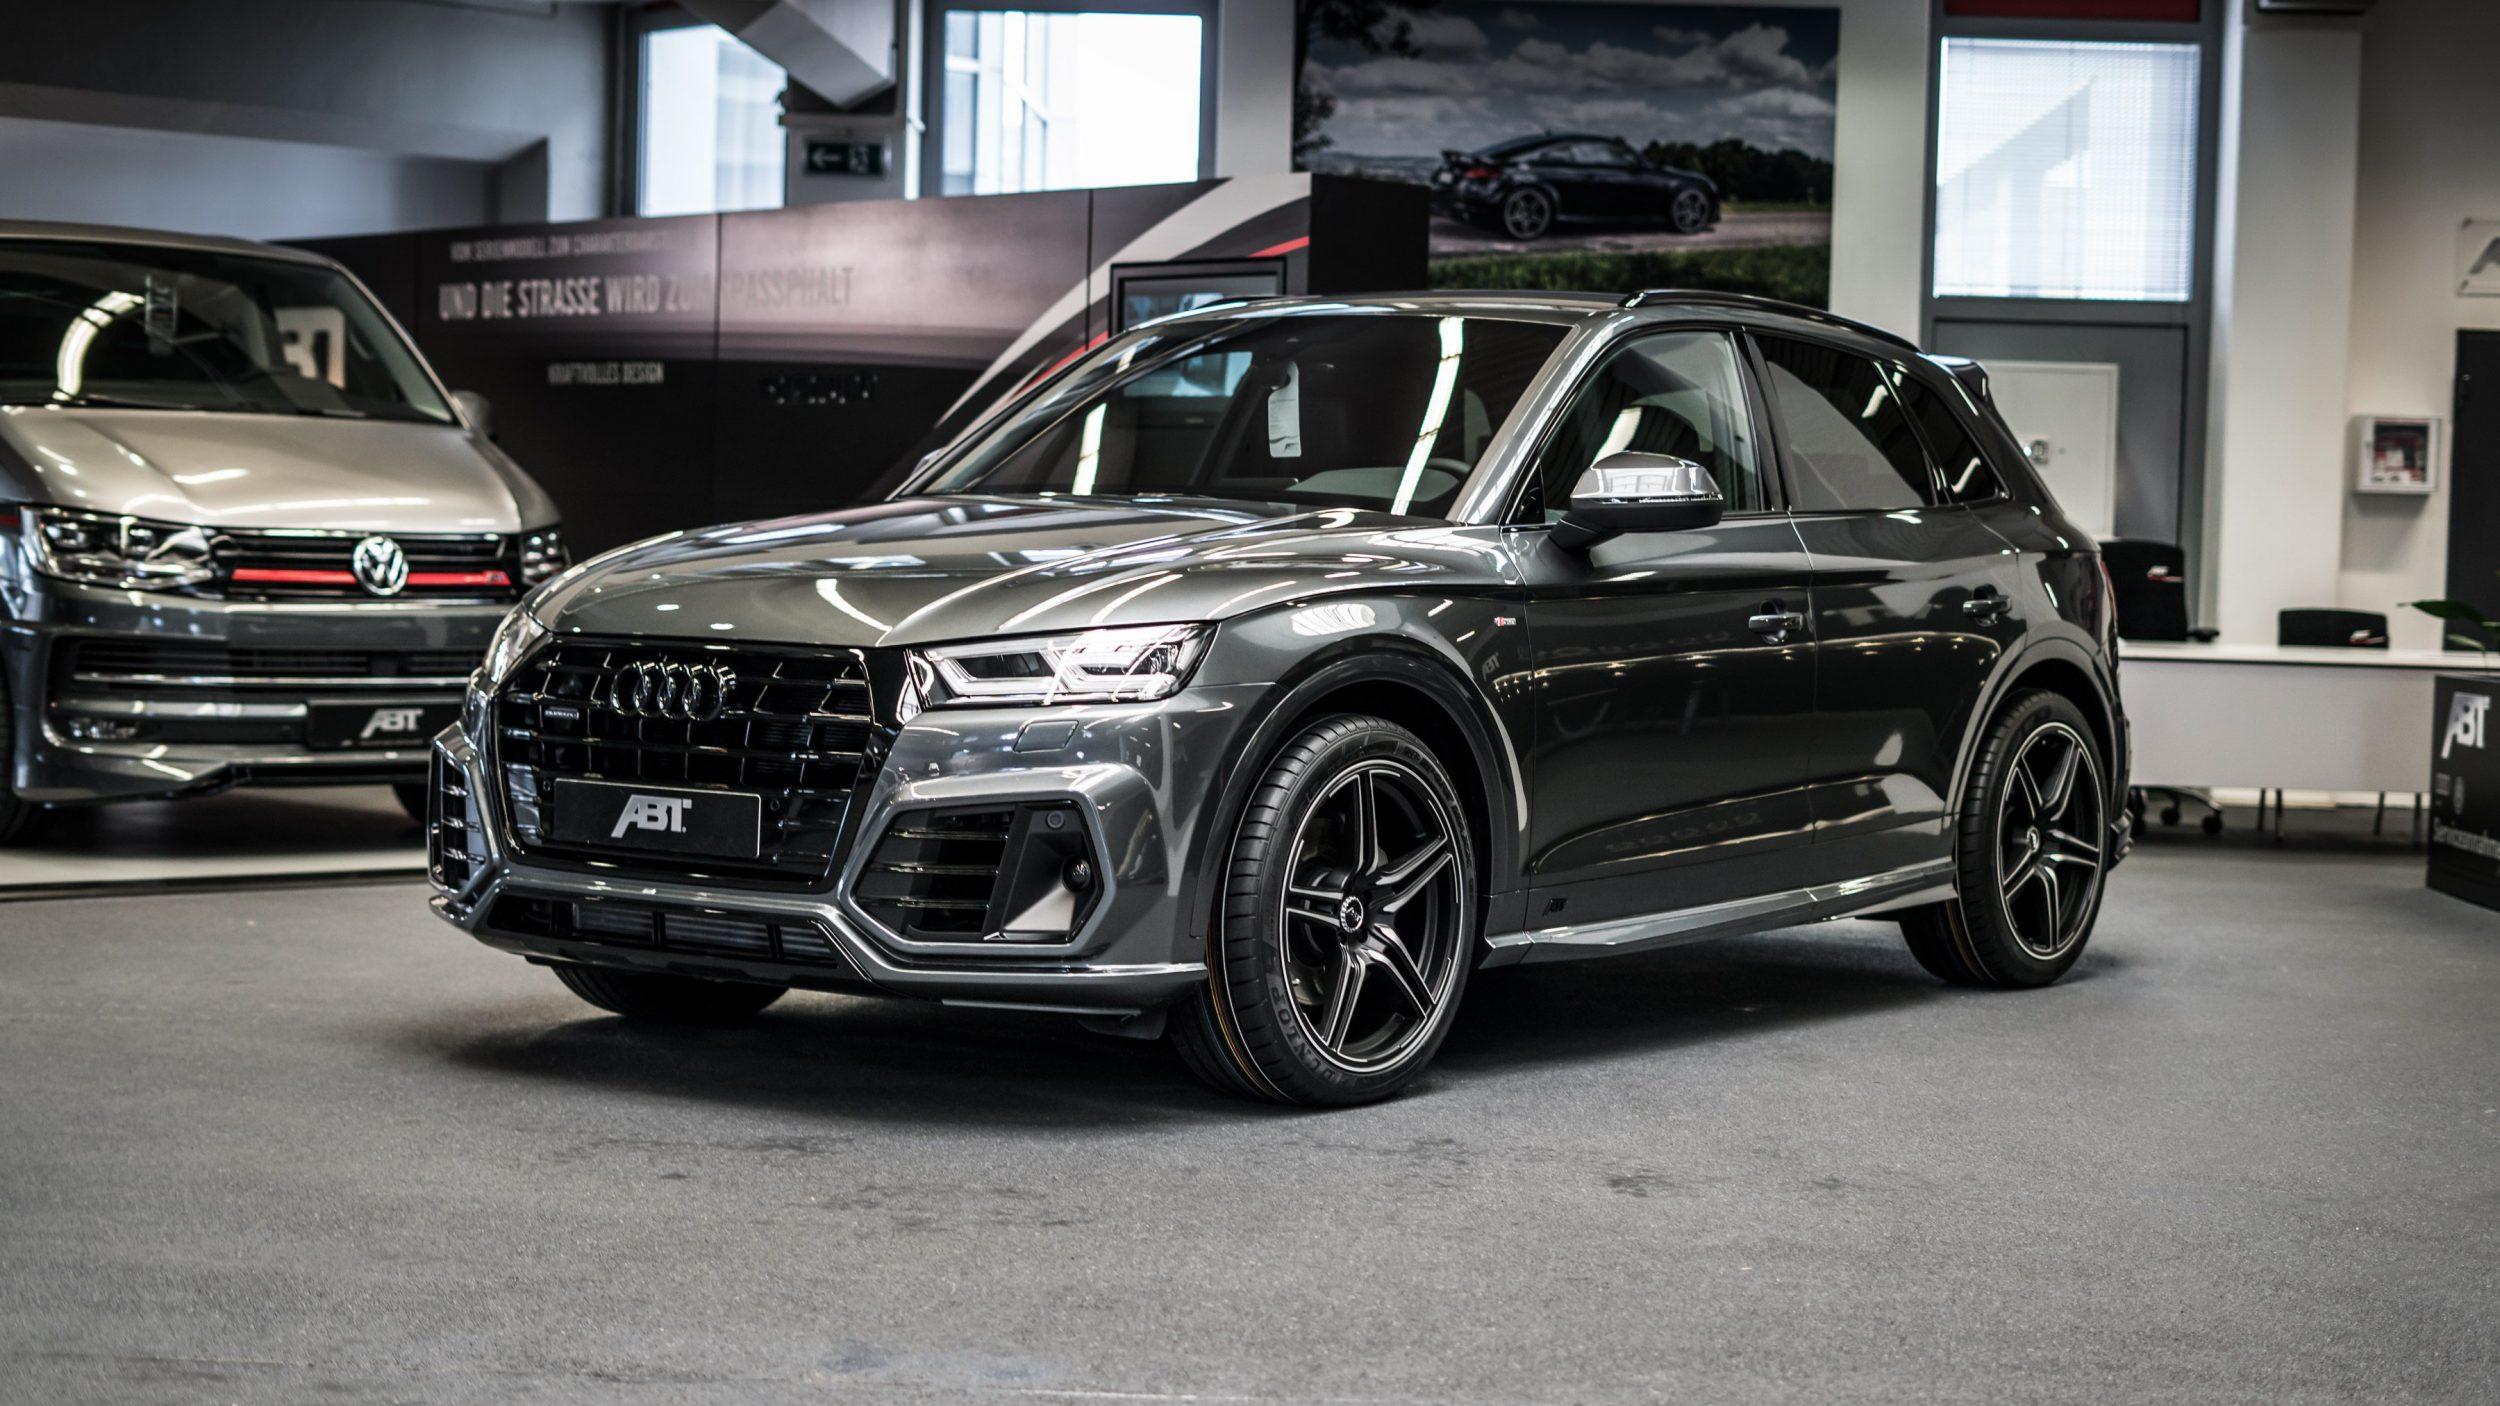 Abt Audi Q5 Heckschürzenset_Front